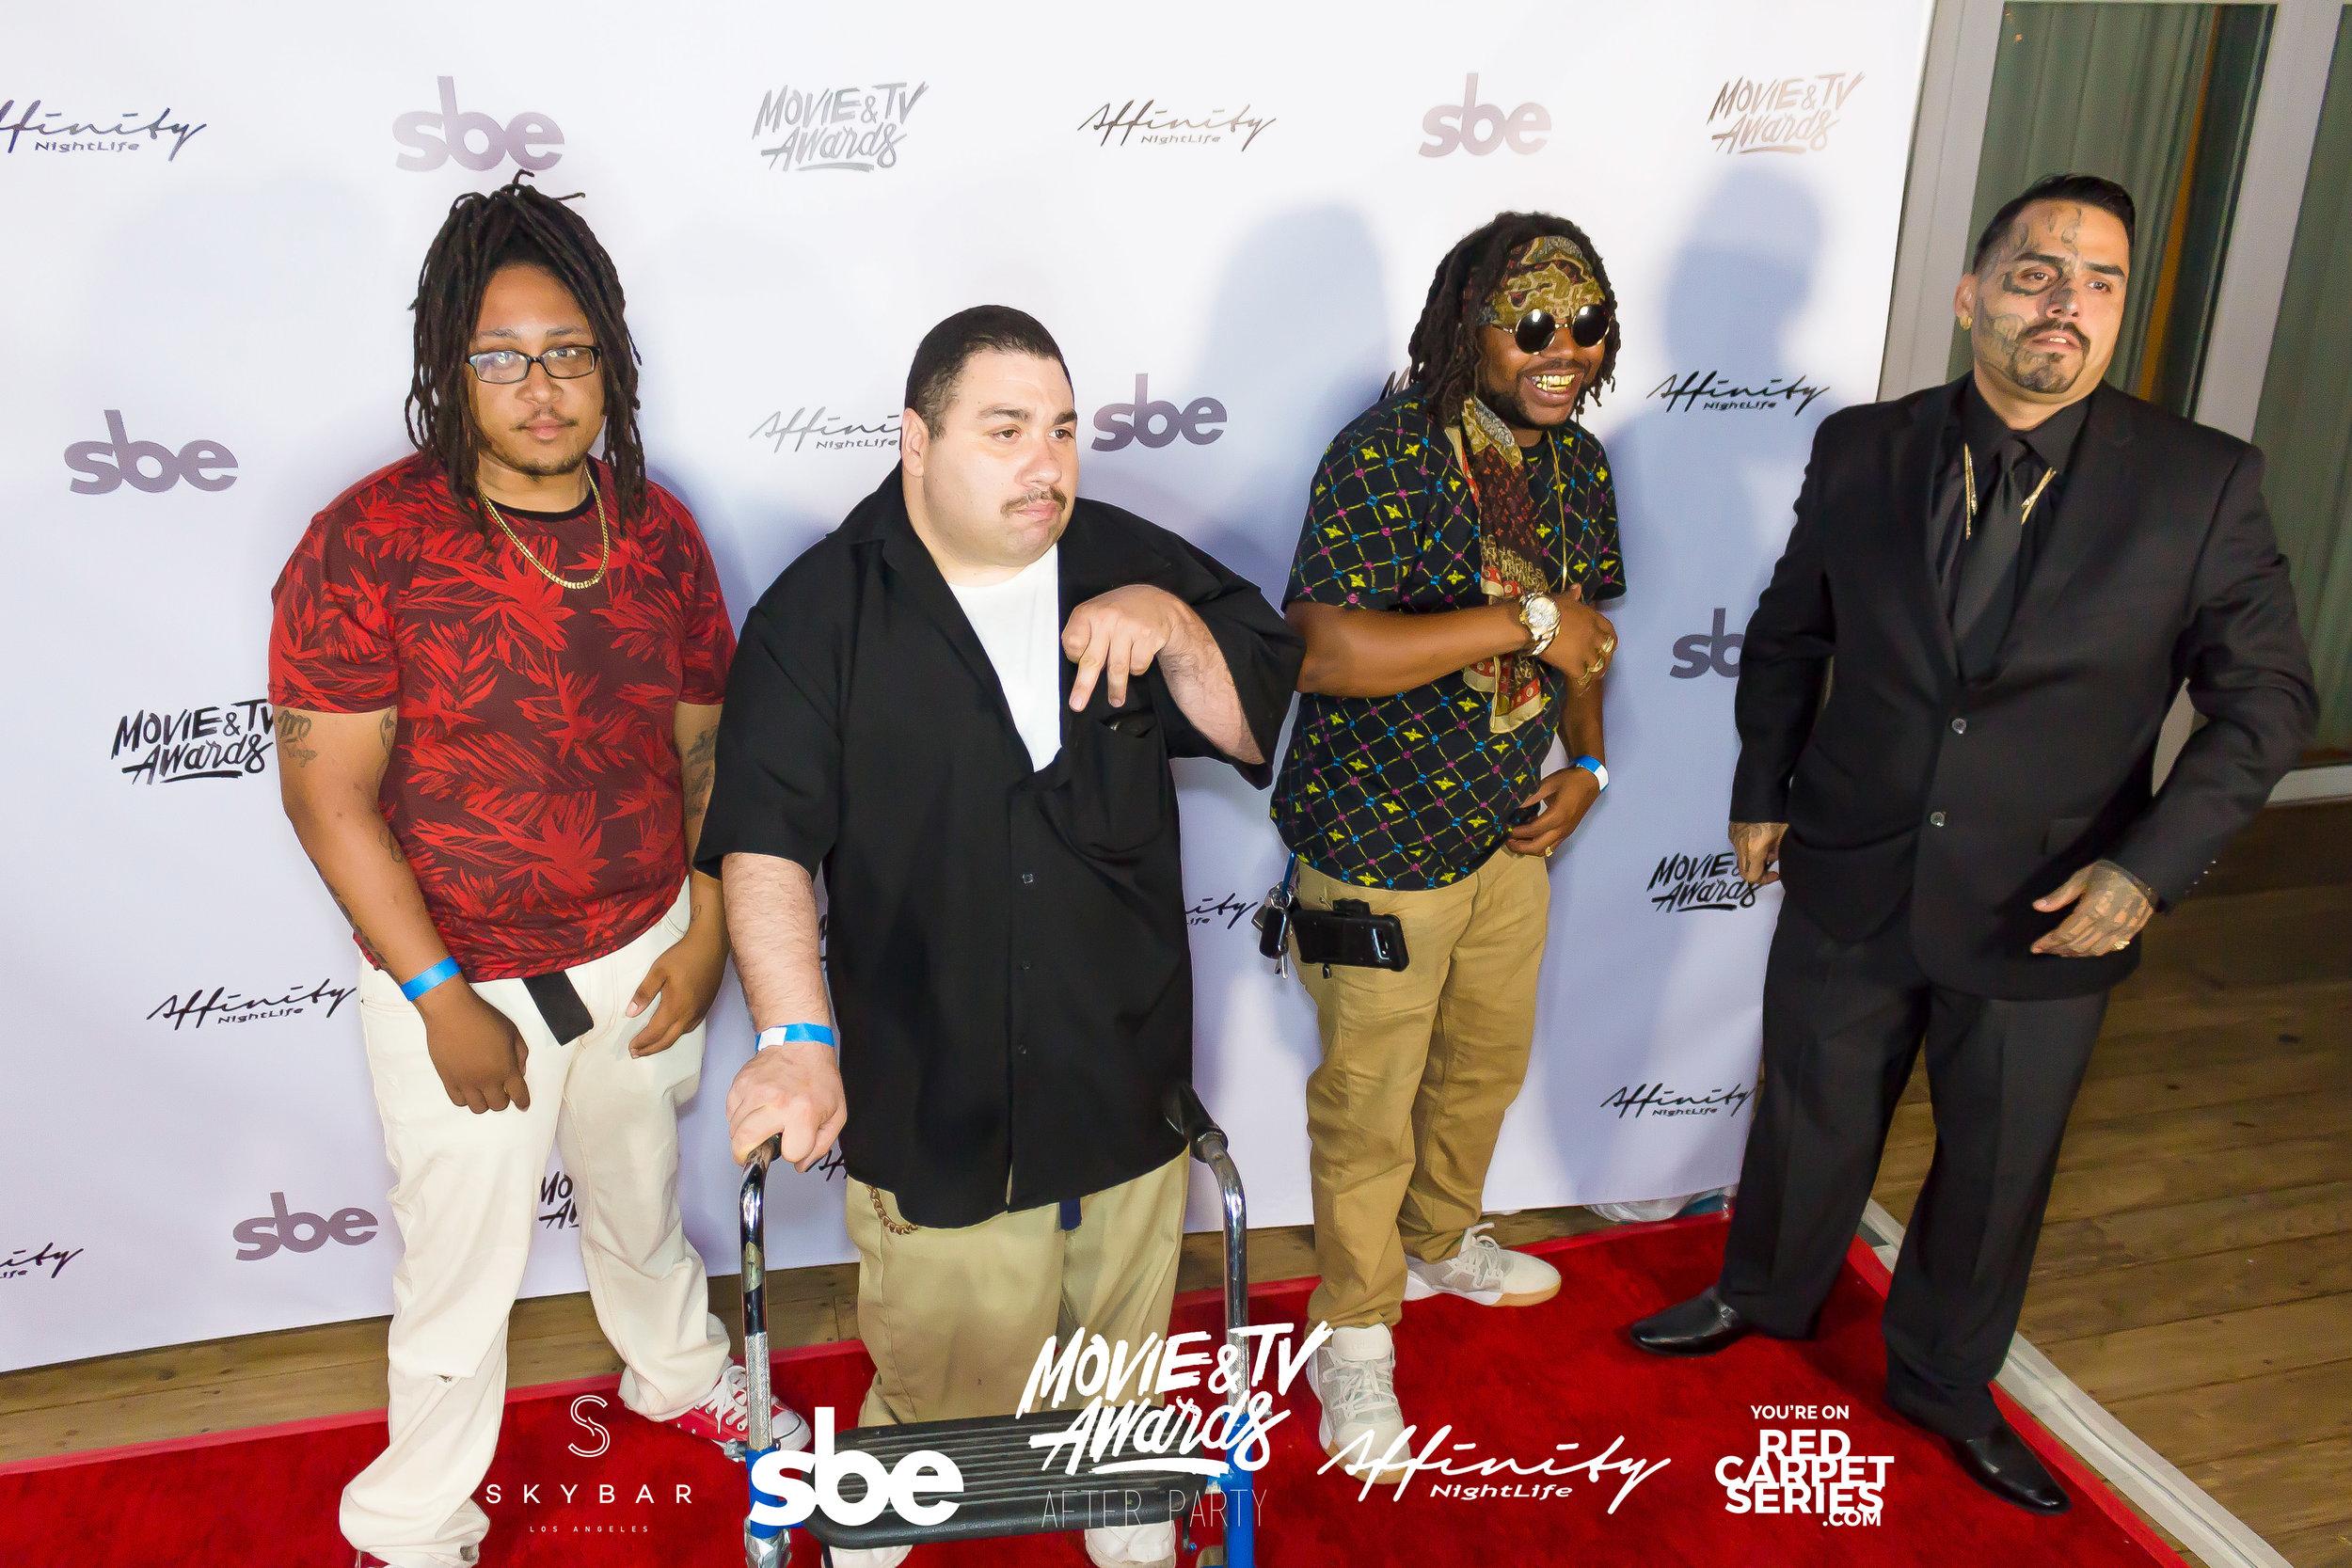 Affinity Nightlife MTV Movie & TV Awards After Party - Skybar at Mondrian - 06-15-19 - Vol. 2_114.jpg